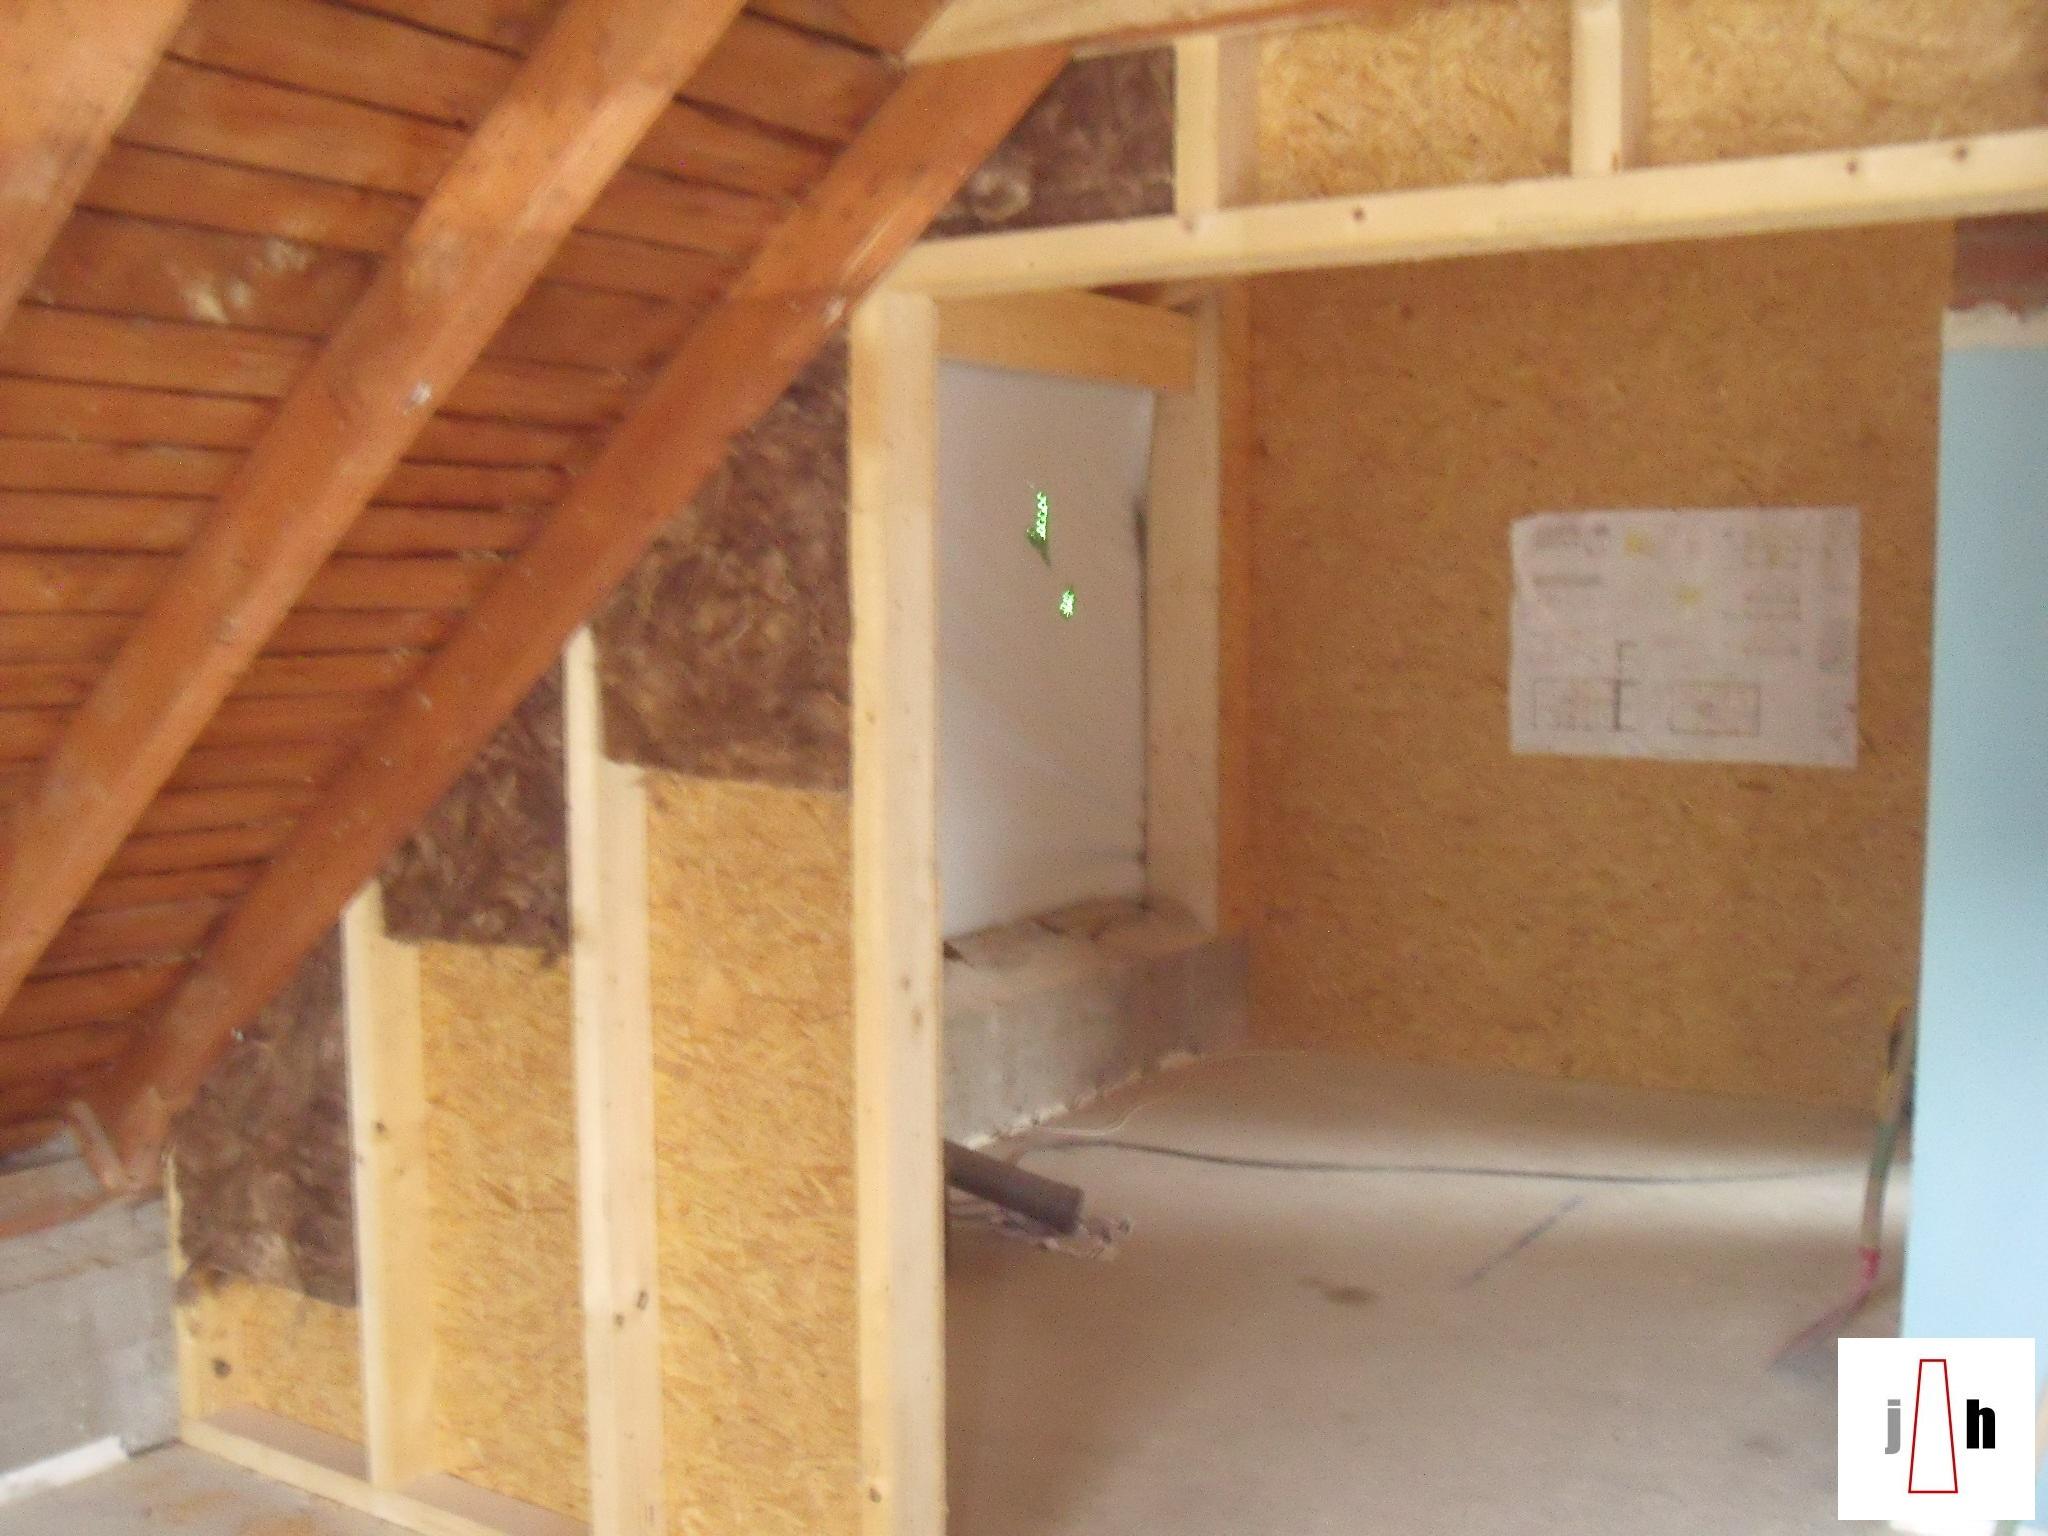 Umbau eines Wohnhauses - Ingenieurbüro Jörg Hofer